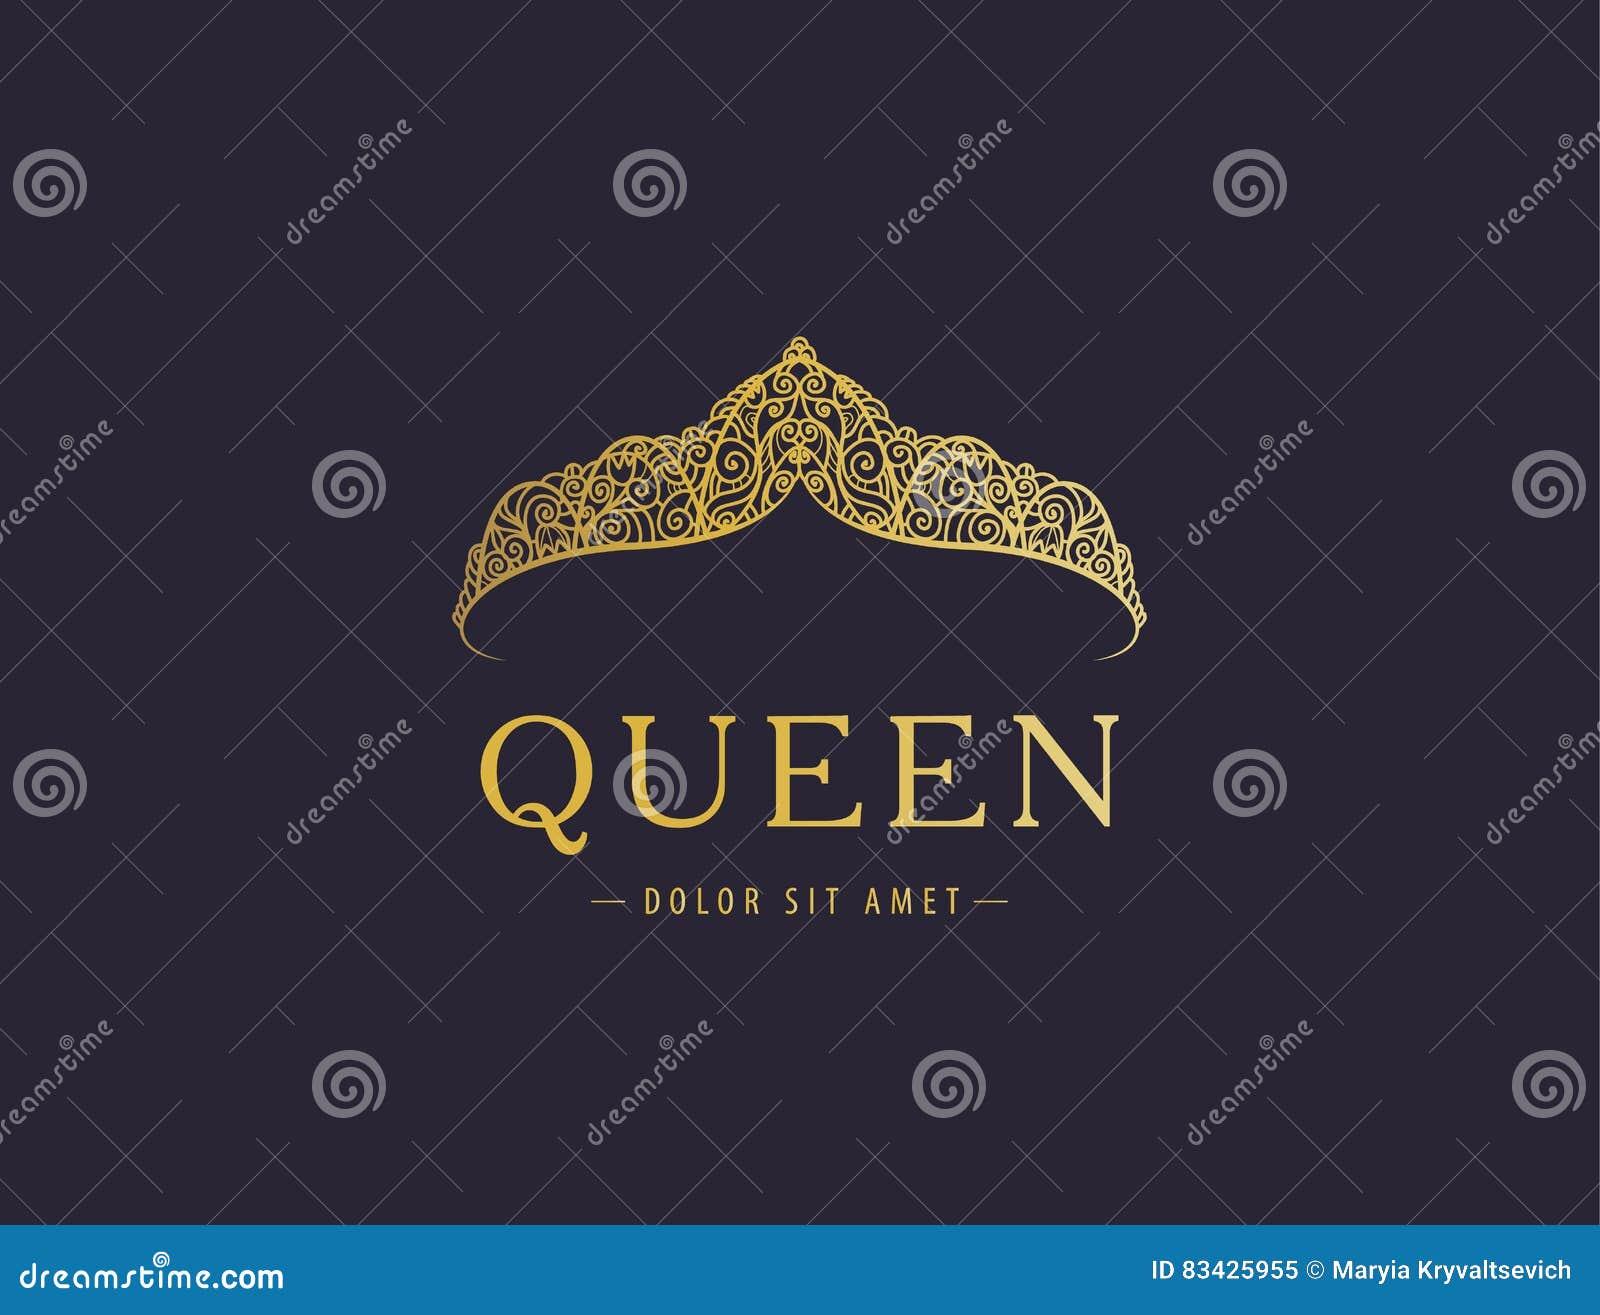 Luxo abstrato, projeto dourado real do vetor do ícone do logotipo da empresa